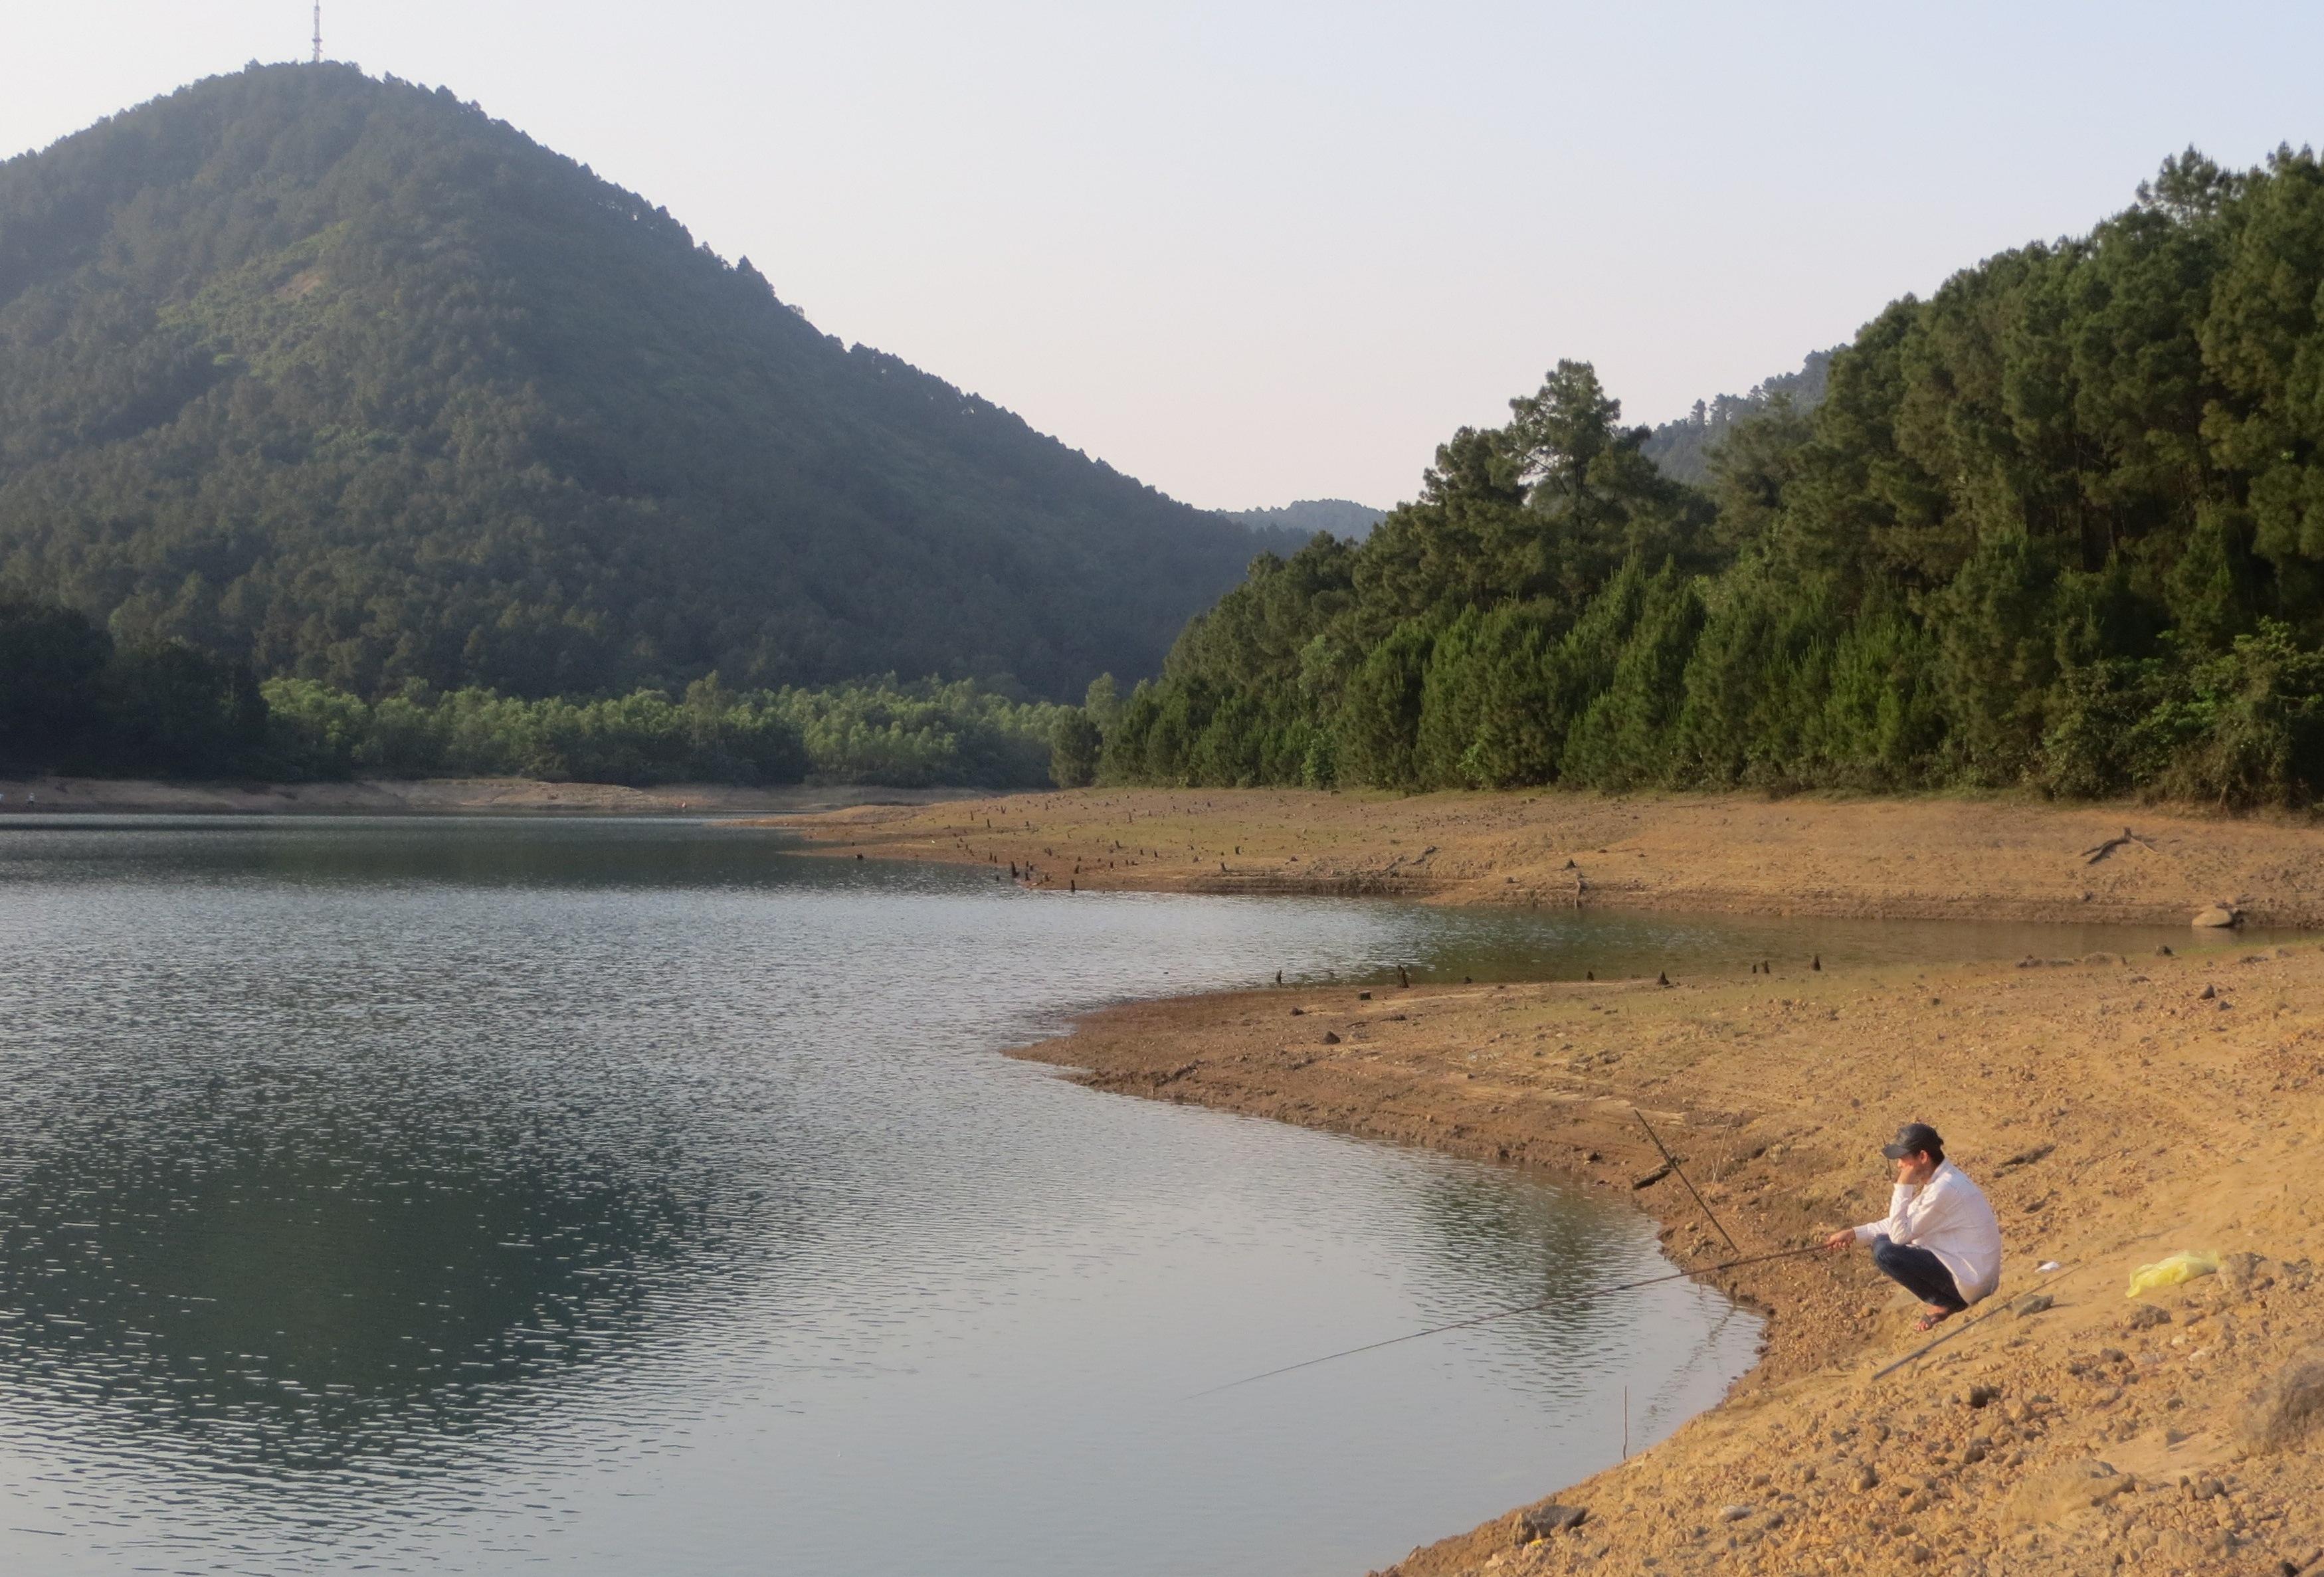 Ghi ở Hồ Tiên ( thơ của Phan Trung Hiếu)